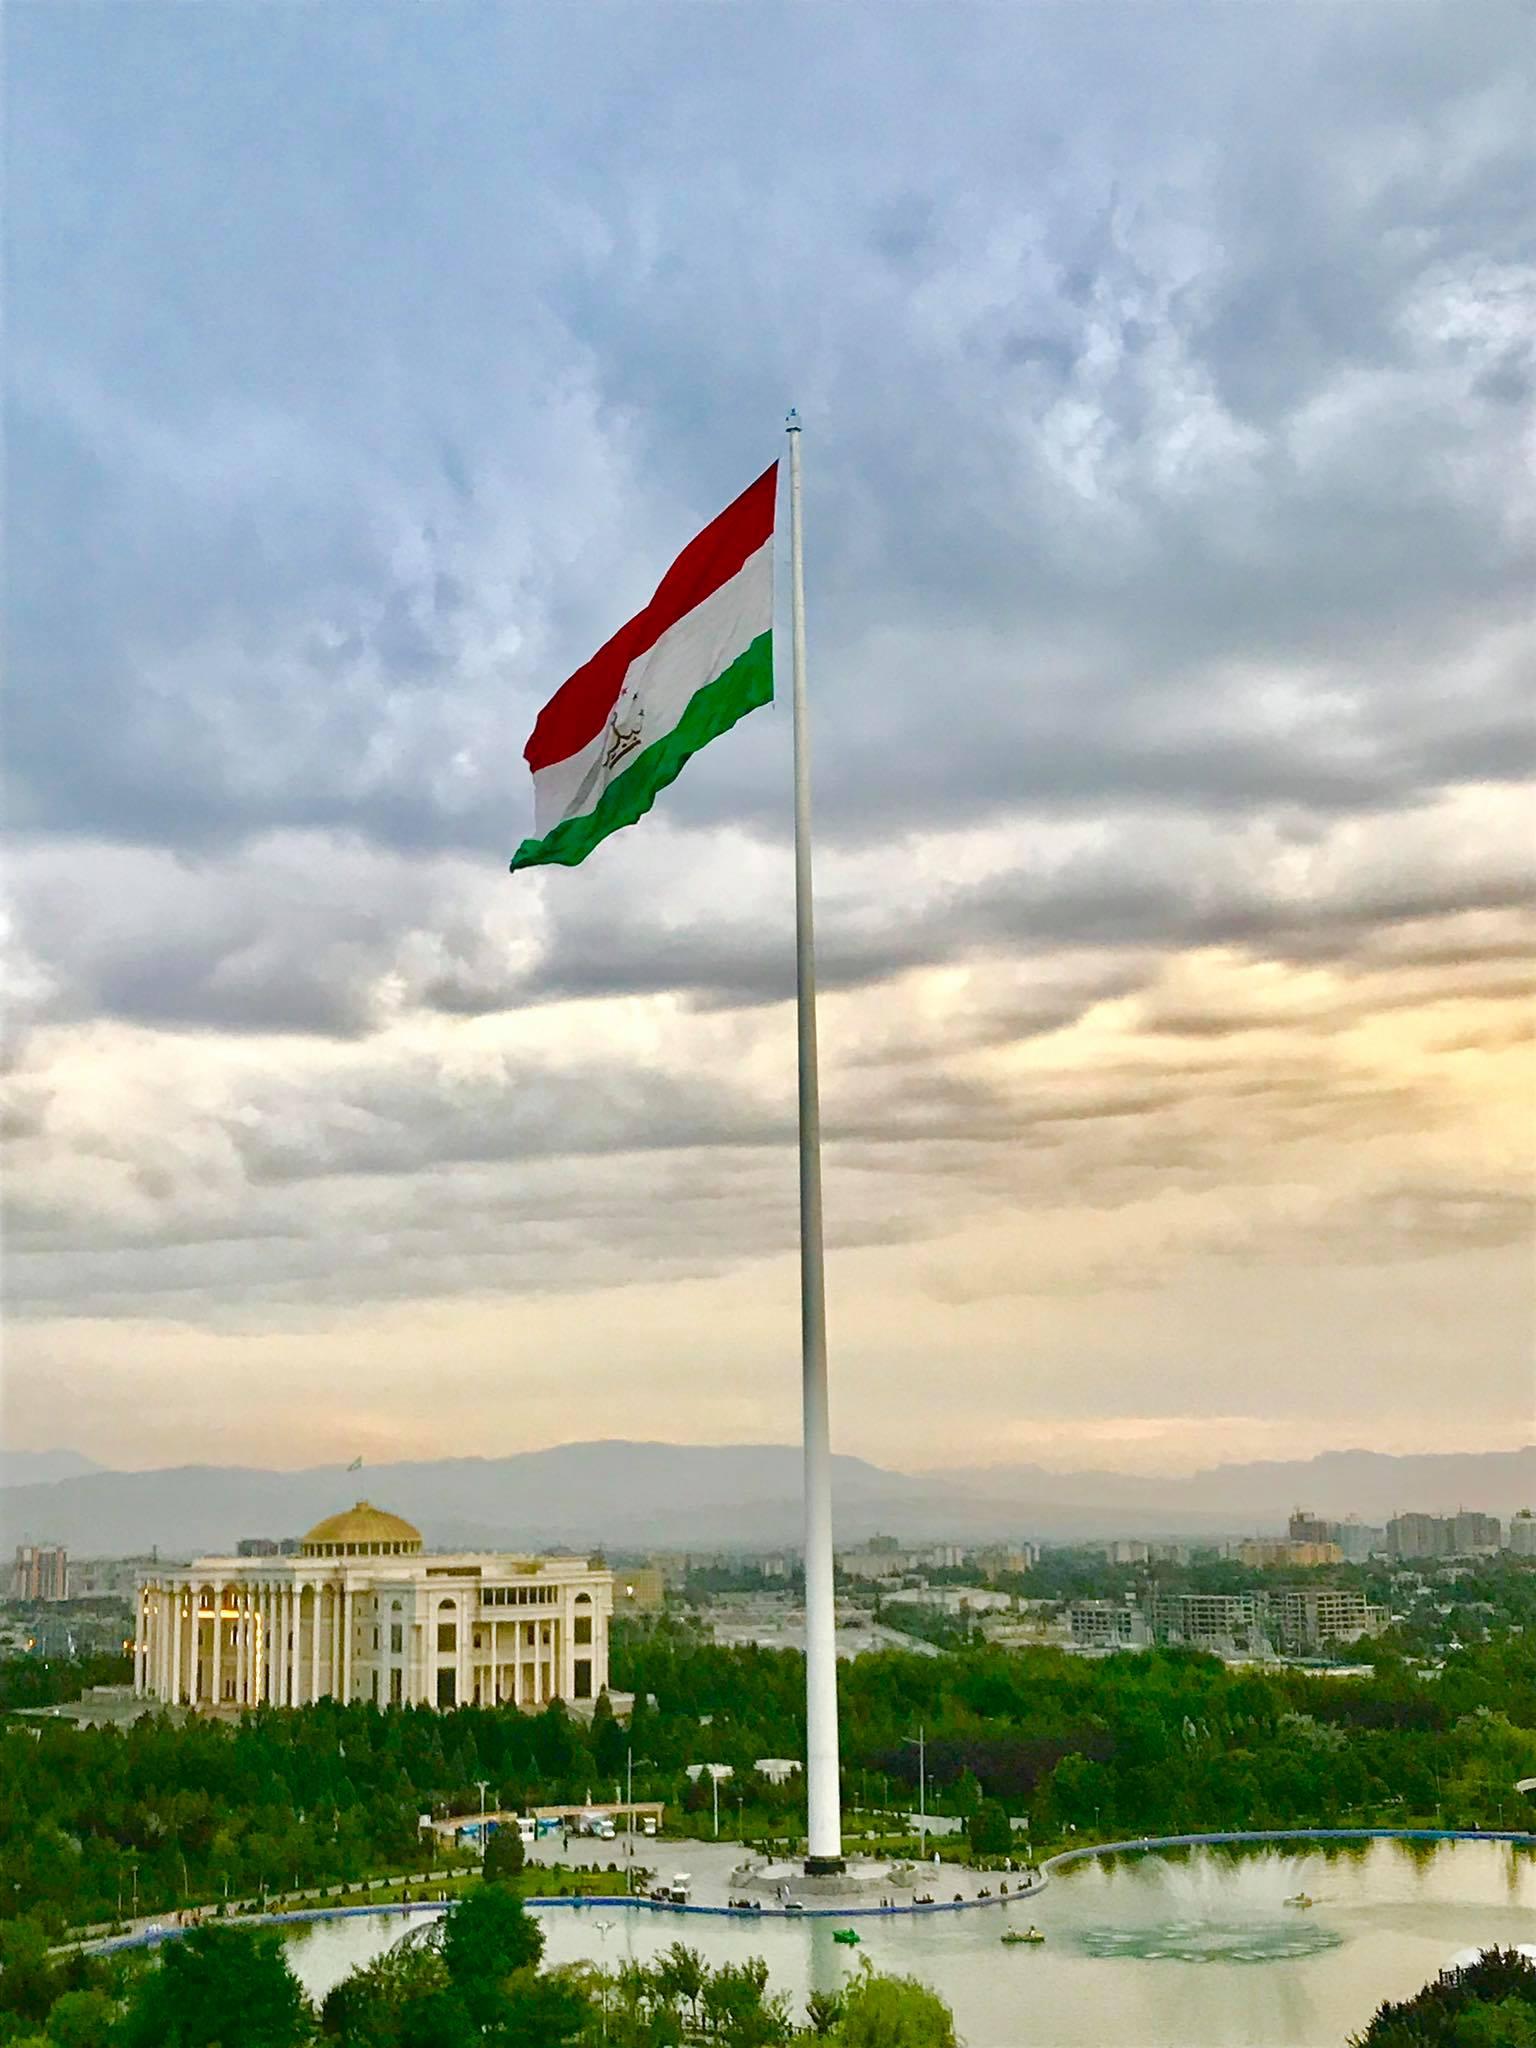 Kach Solo Travels in 2019 Tajikistan is my 126th country26.jpg